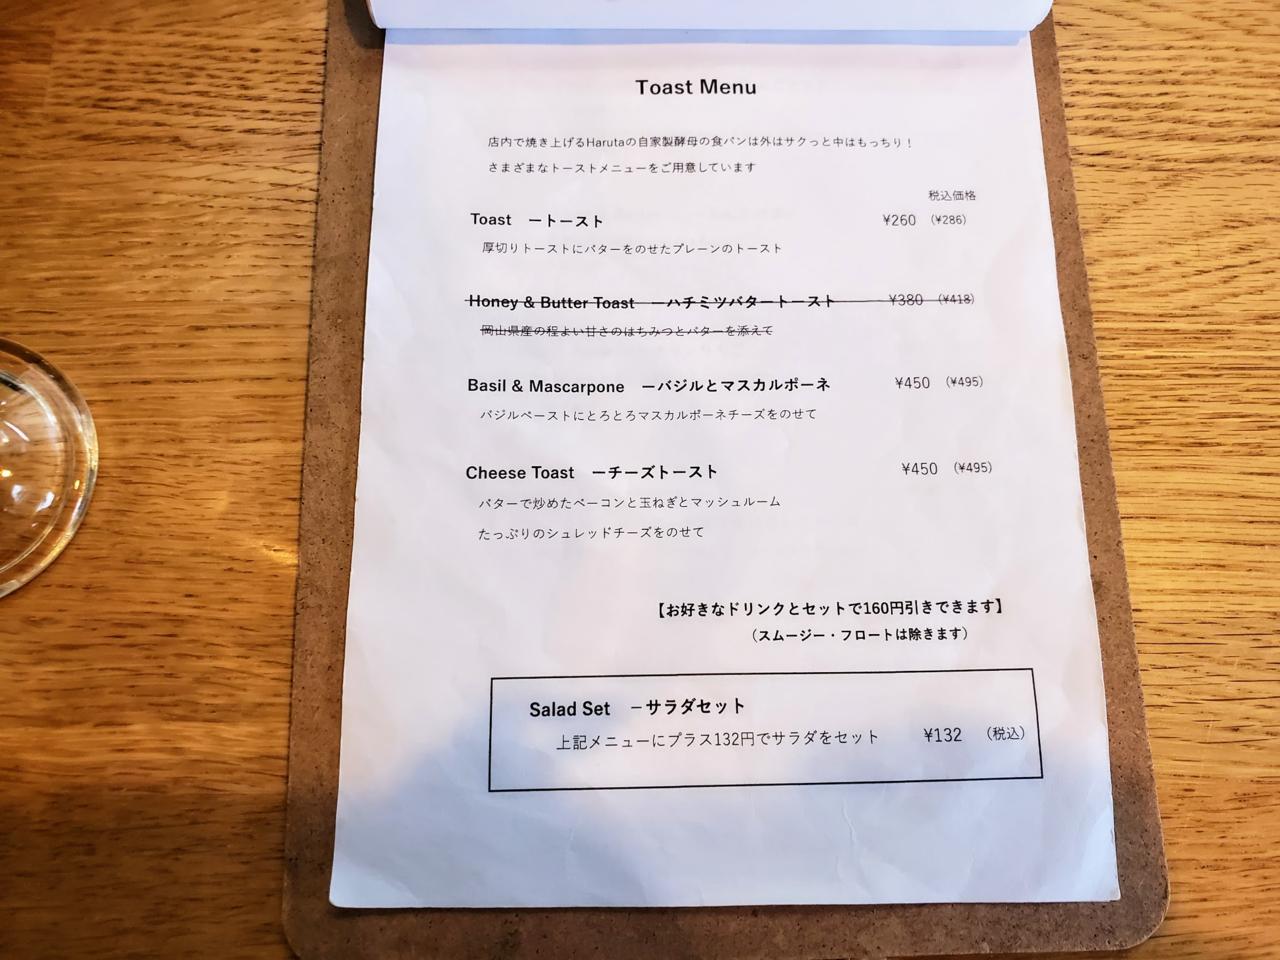 メニュー cafe haruta